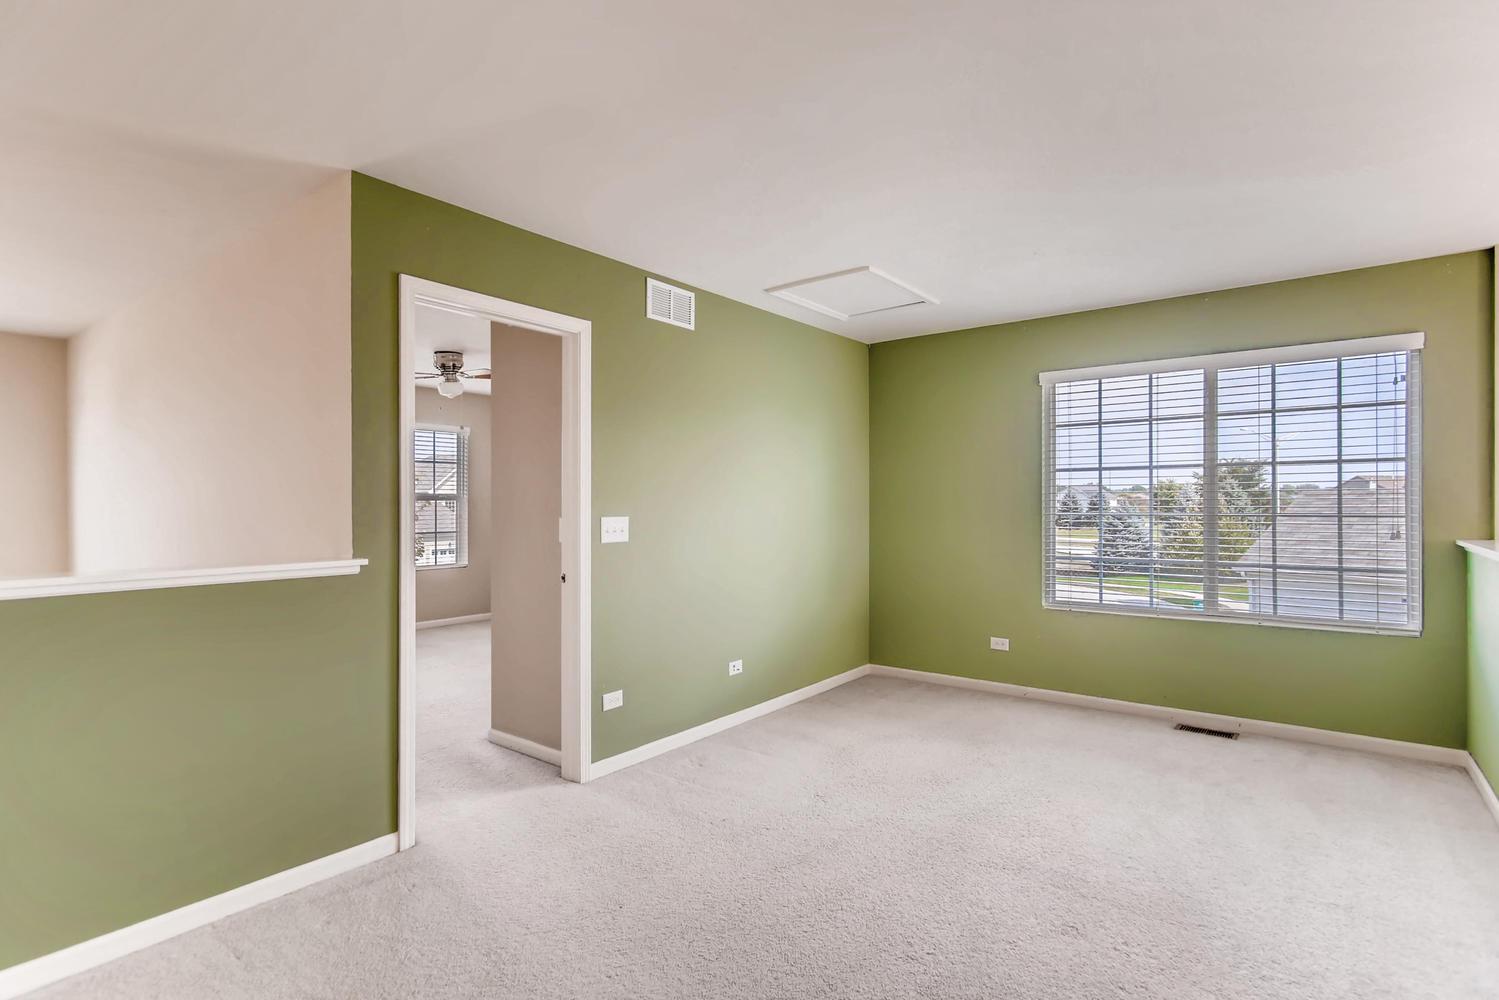 Photo of 25409 Cove Court, Plainfield, IL, 60544